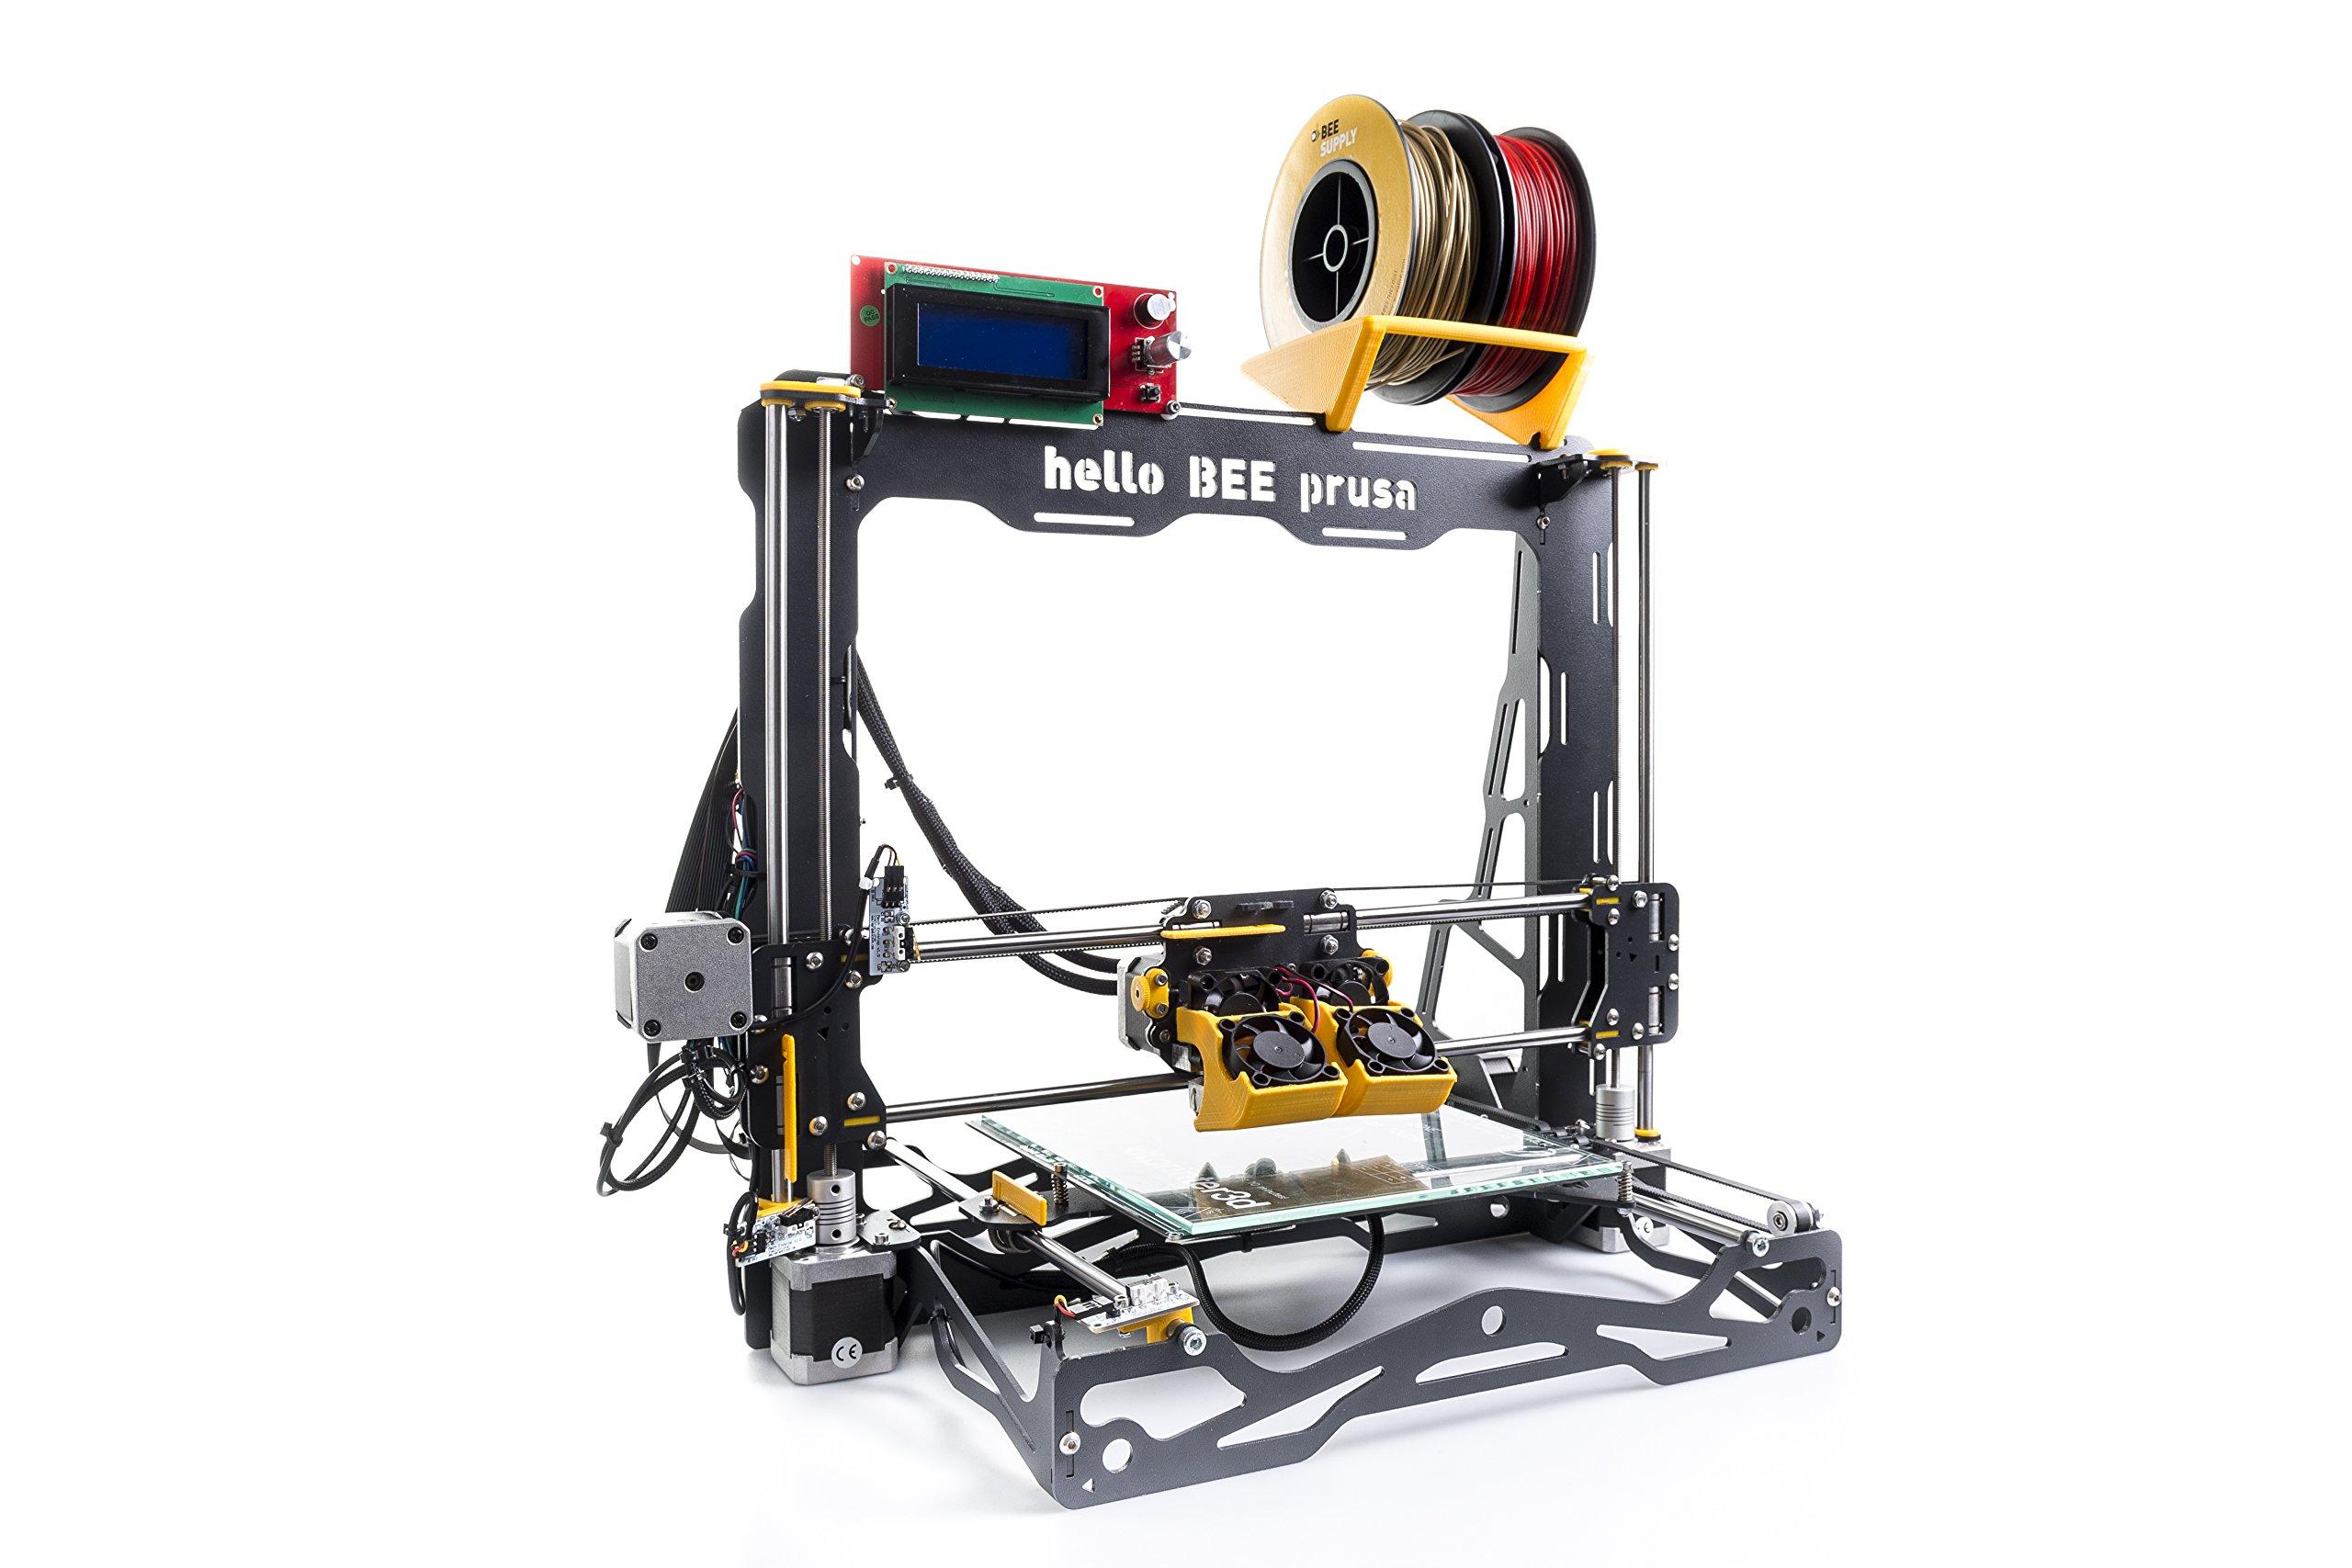 BEEVERYCREATIVE AAA011210 helloBEEprusa (EU) Impresora 3D DIY Kit